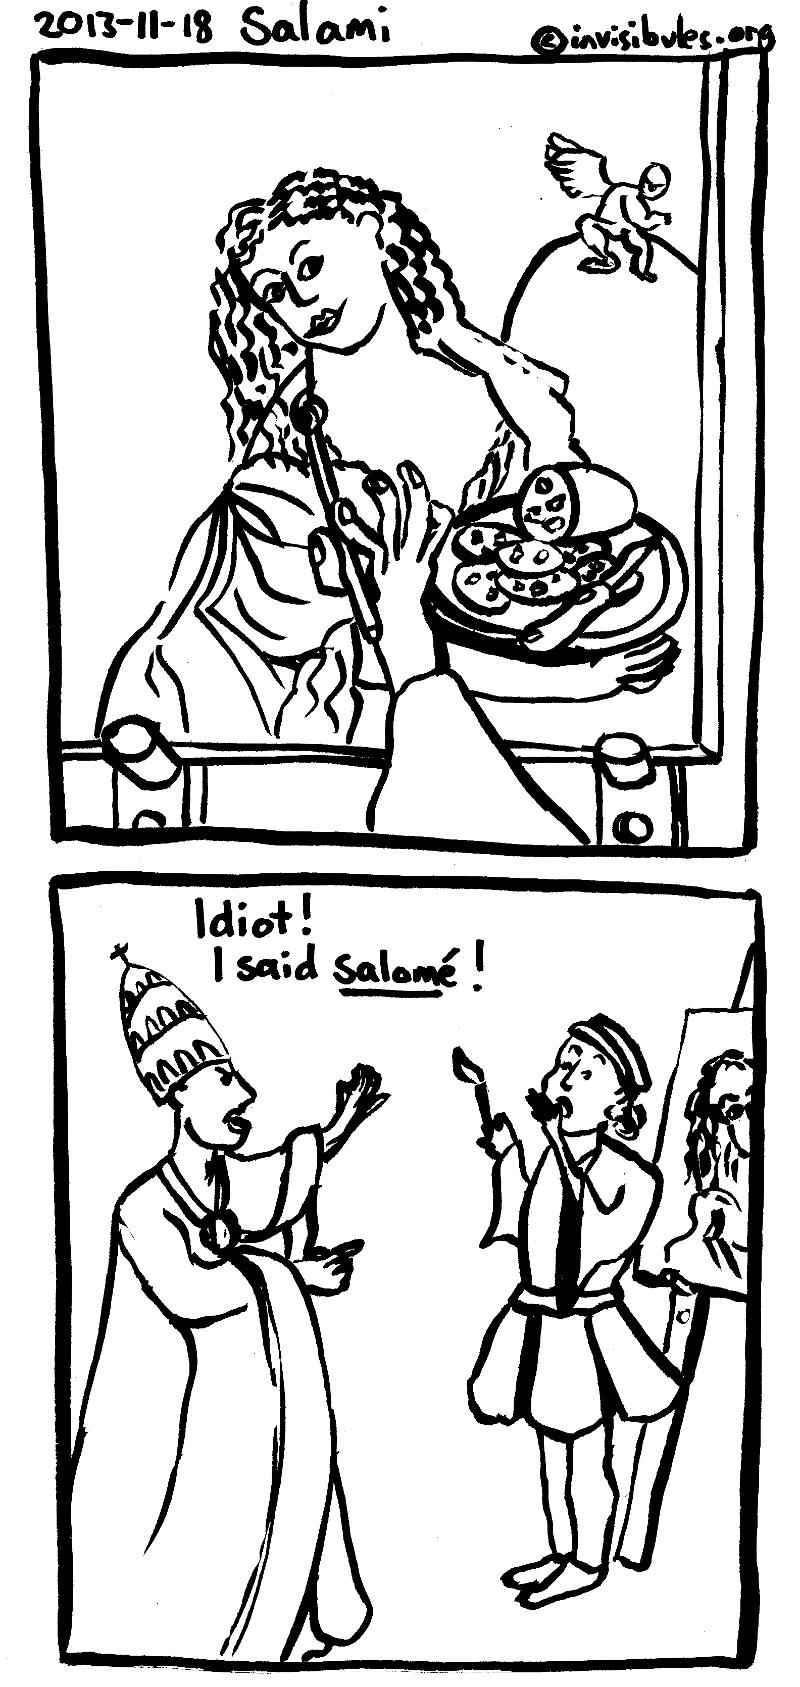 2013-11-18 Salami